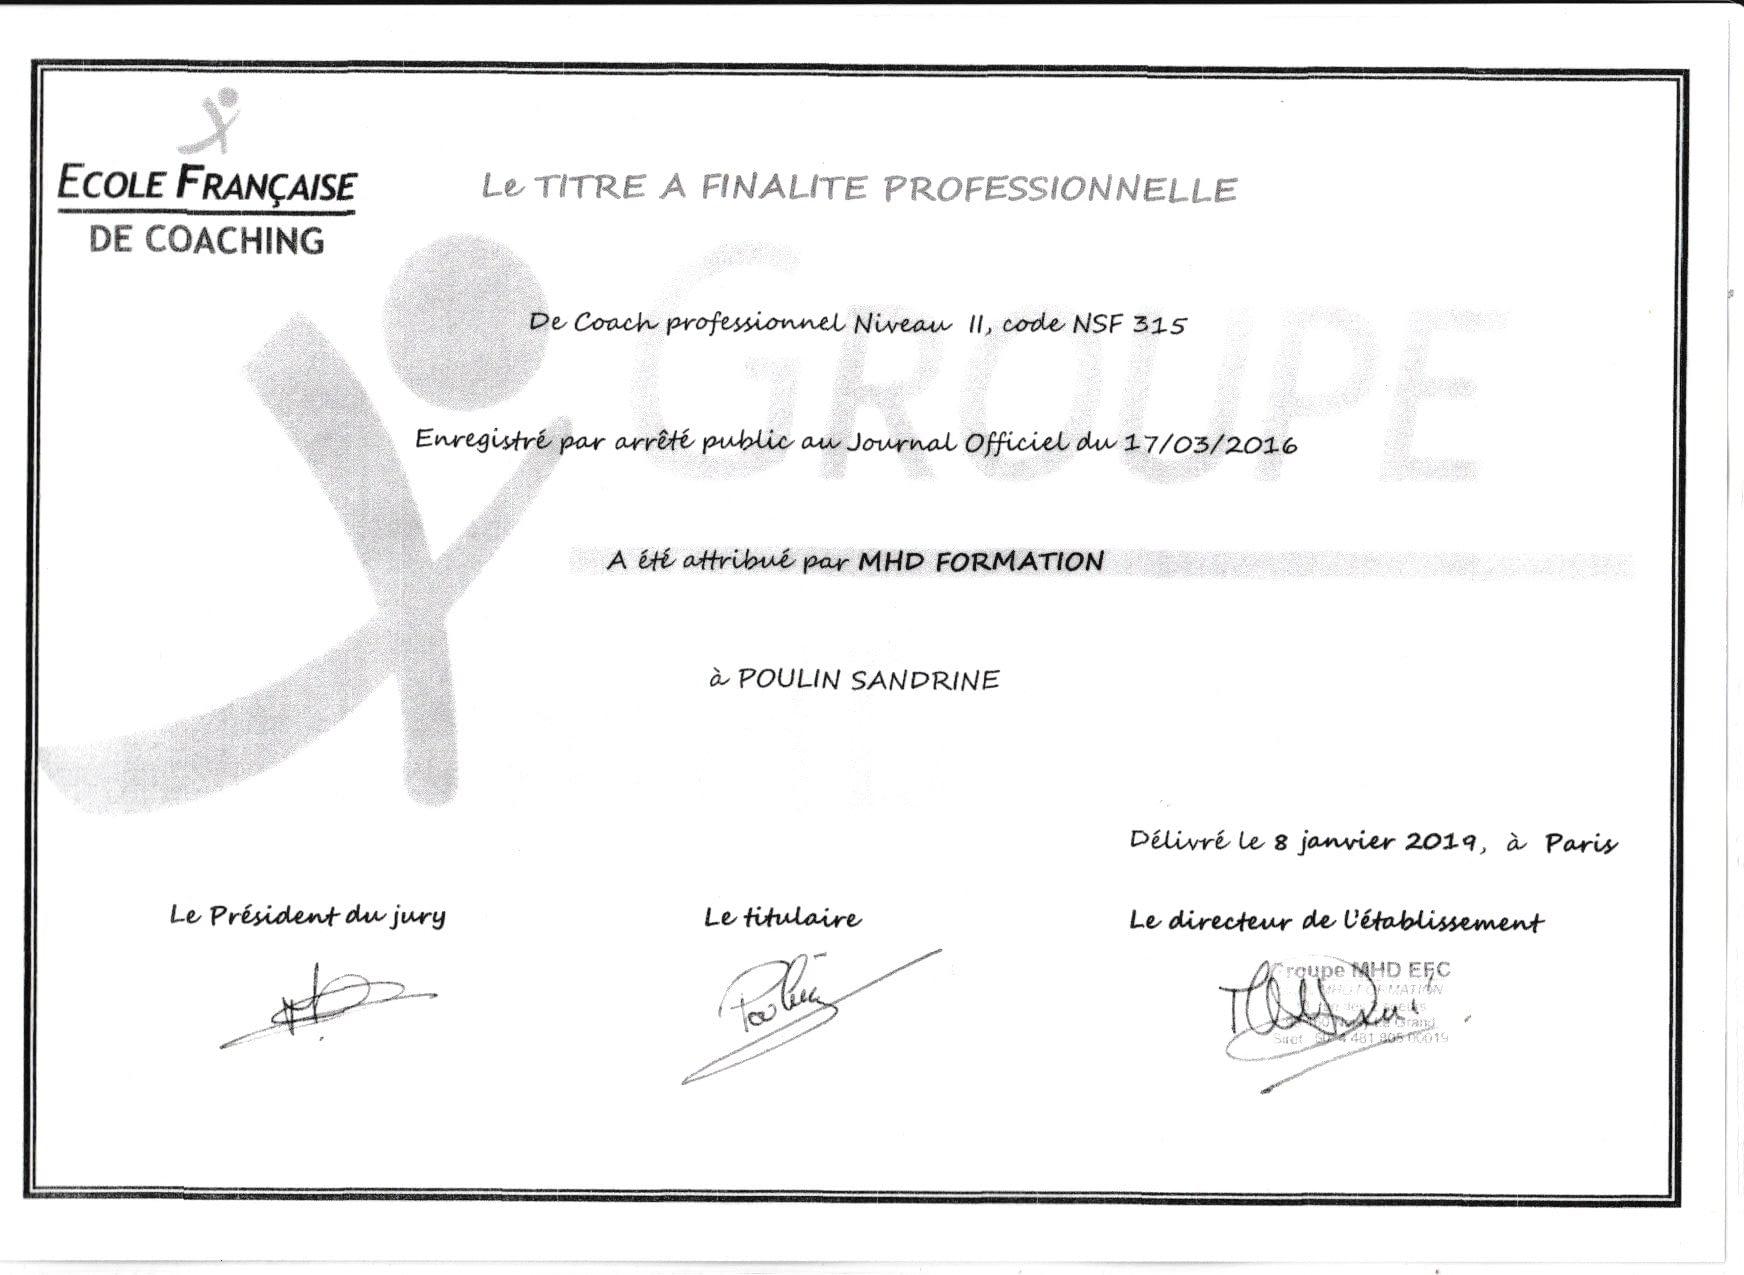 RNCP-coaching-sucy-en-brie-ile-de-france-developpement-personnel